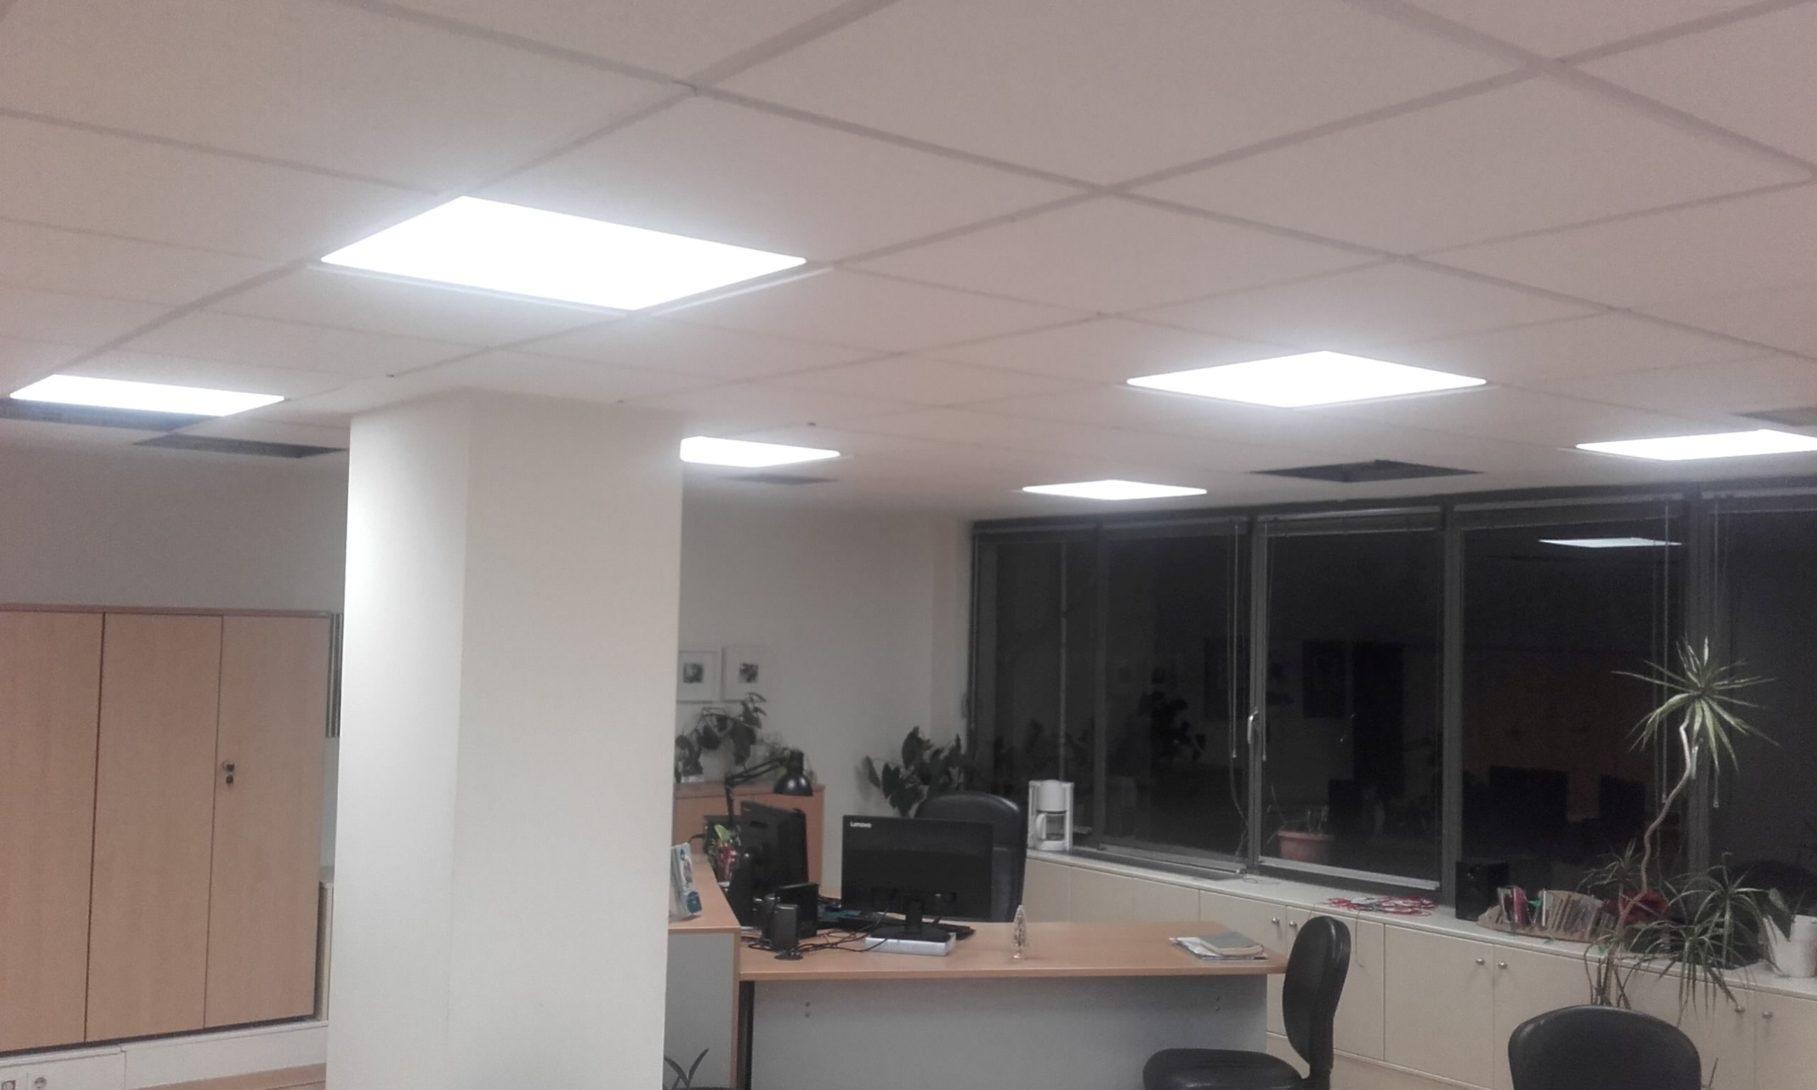 Νεο μεγάλο έργο αντικατάστασης φωτιστικών φθορισμού με φωτιστικά LED